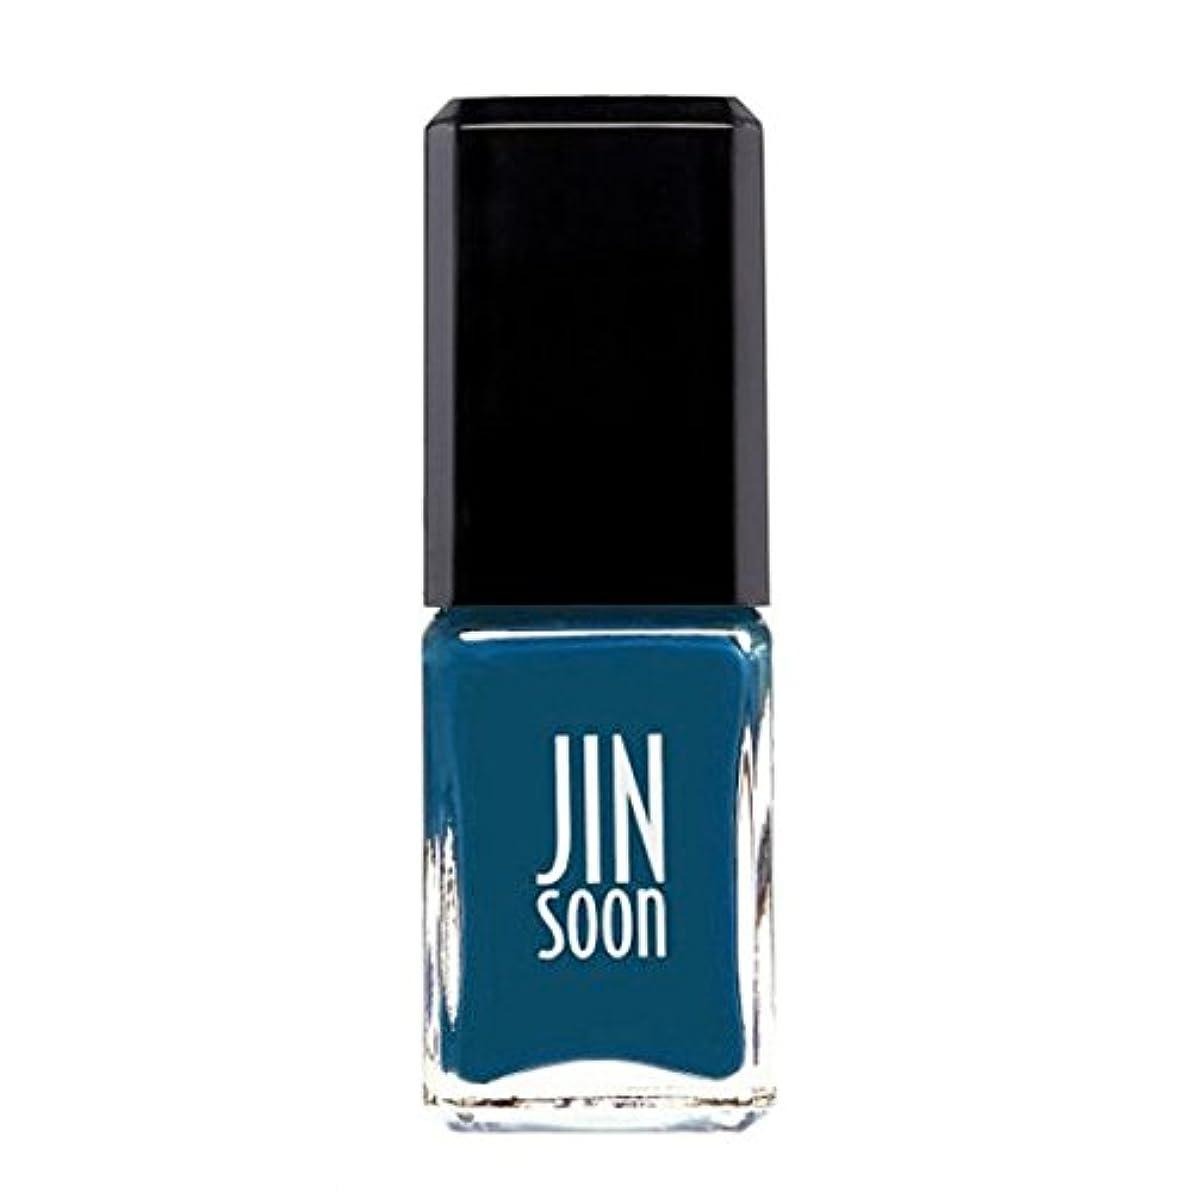 曲がった公爵夫人一時的[ジンスーン] [ jinsoon] ボウ(ティールブルー) BEAU ジンスーン 5フリー ネイルポリッシュ ネイルカラー系統:ティールブルー teal blue 11mL